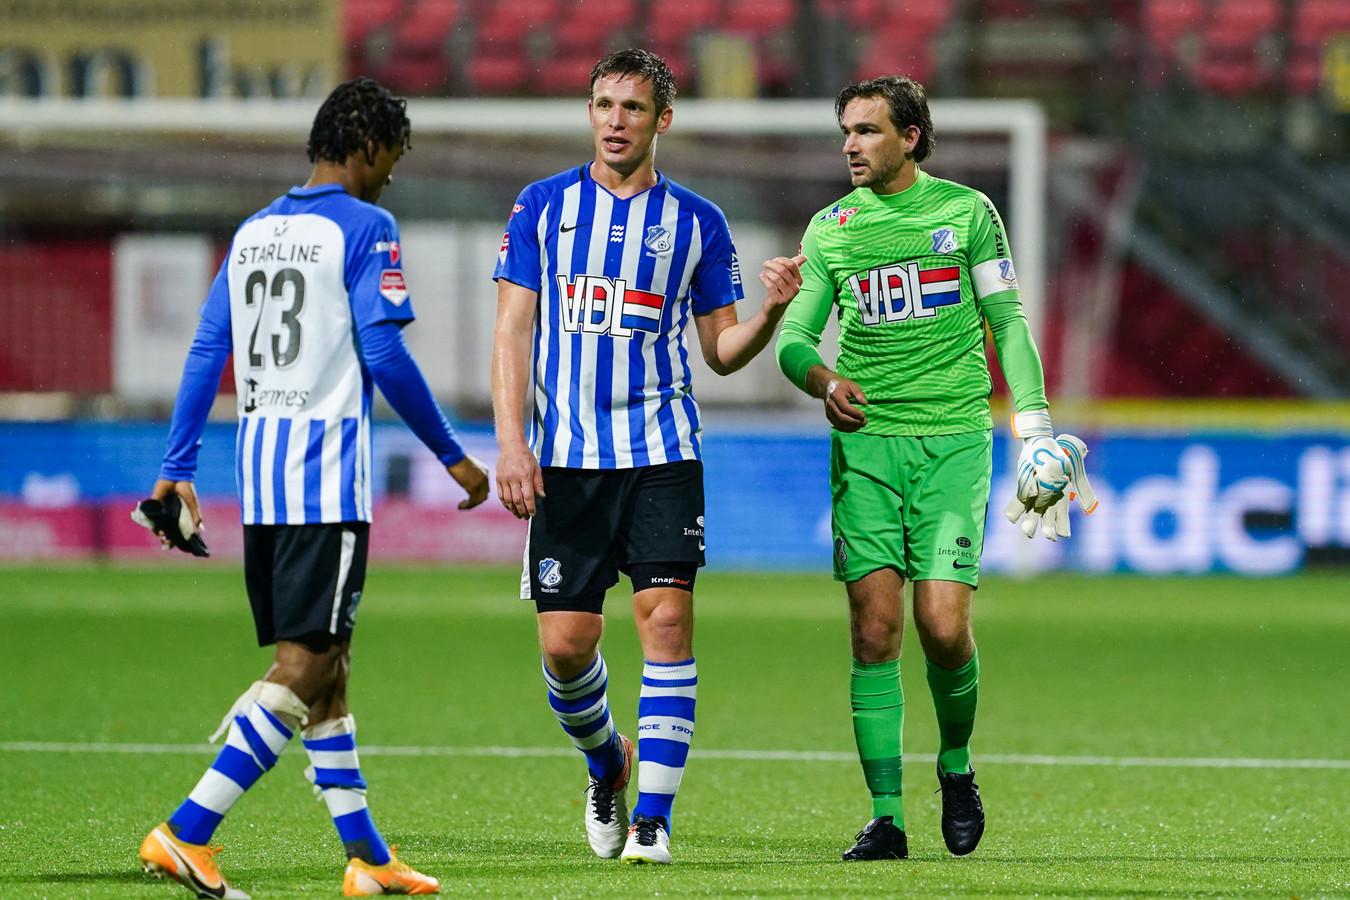 Doelman Ruud Swinkels (r) van FC Eindhoven.